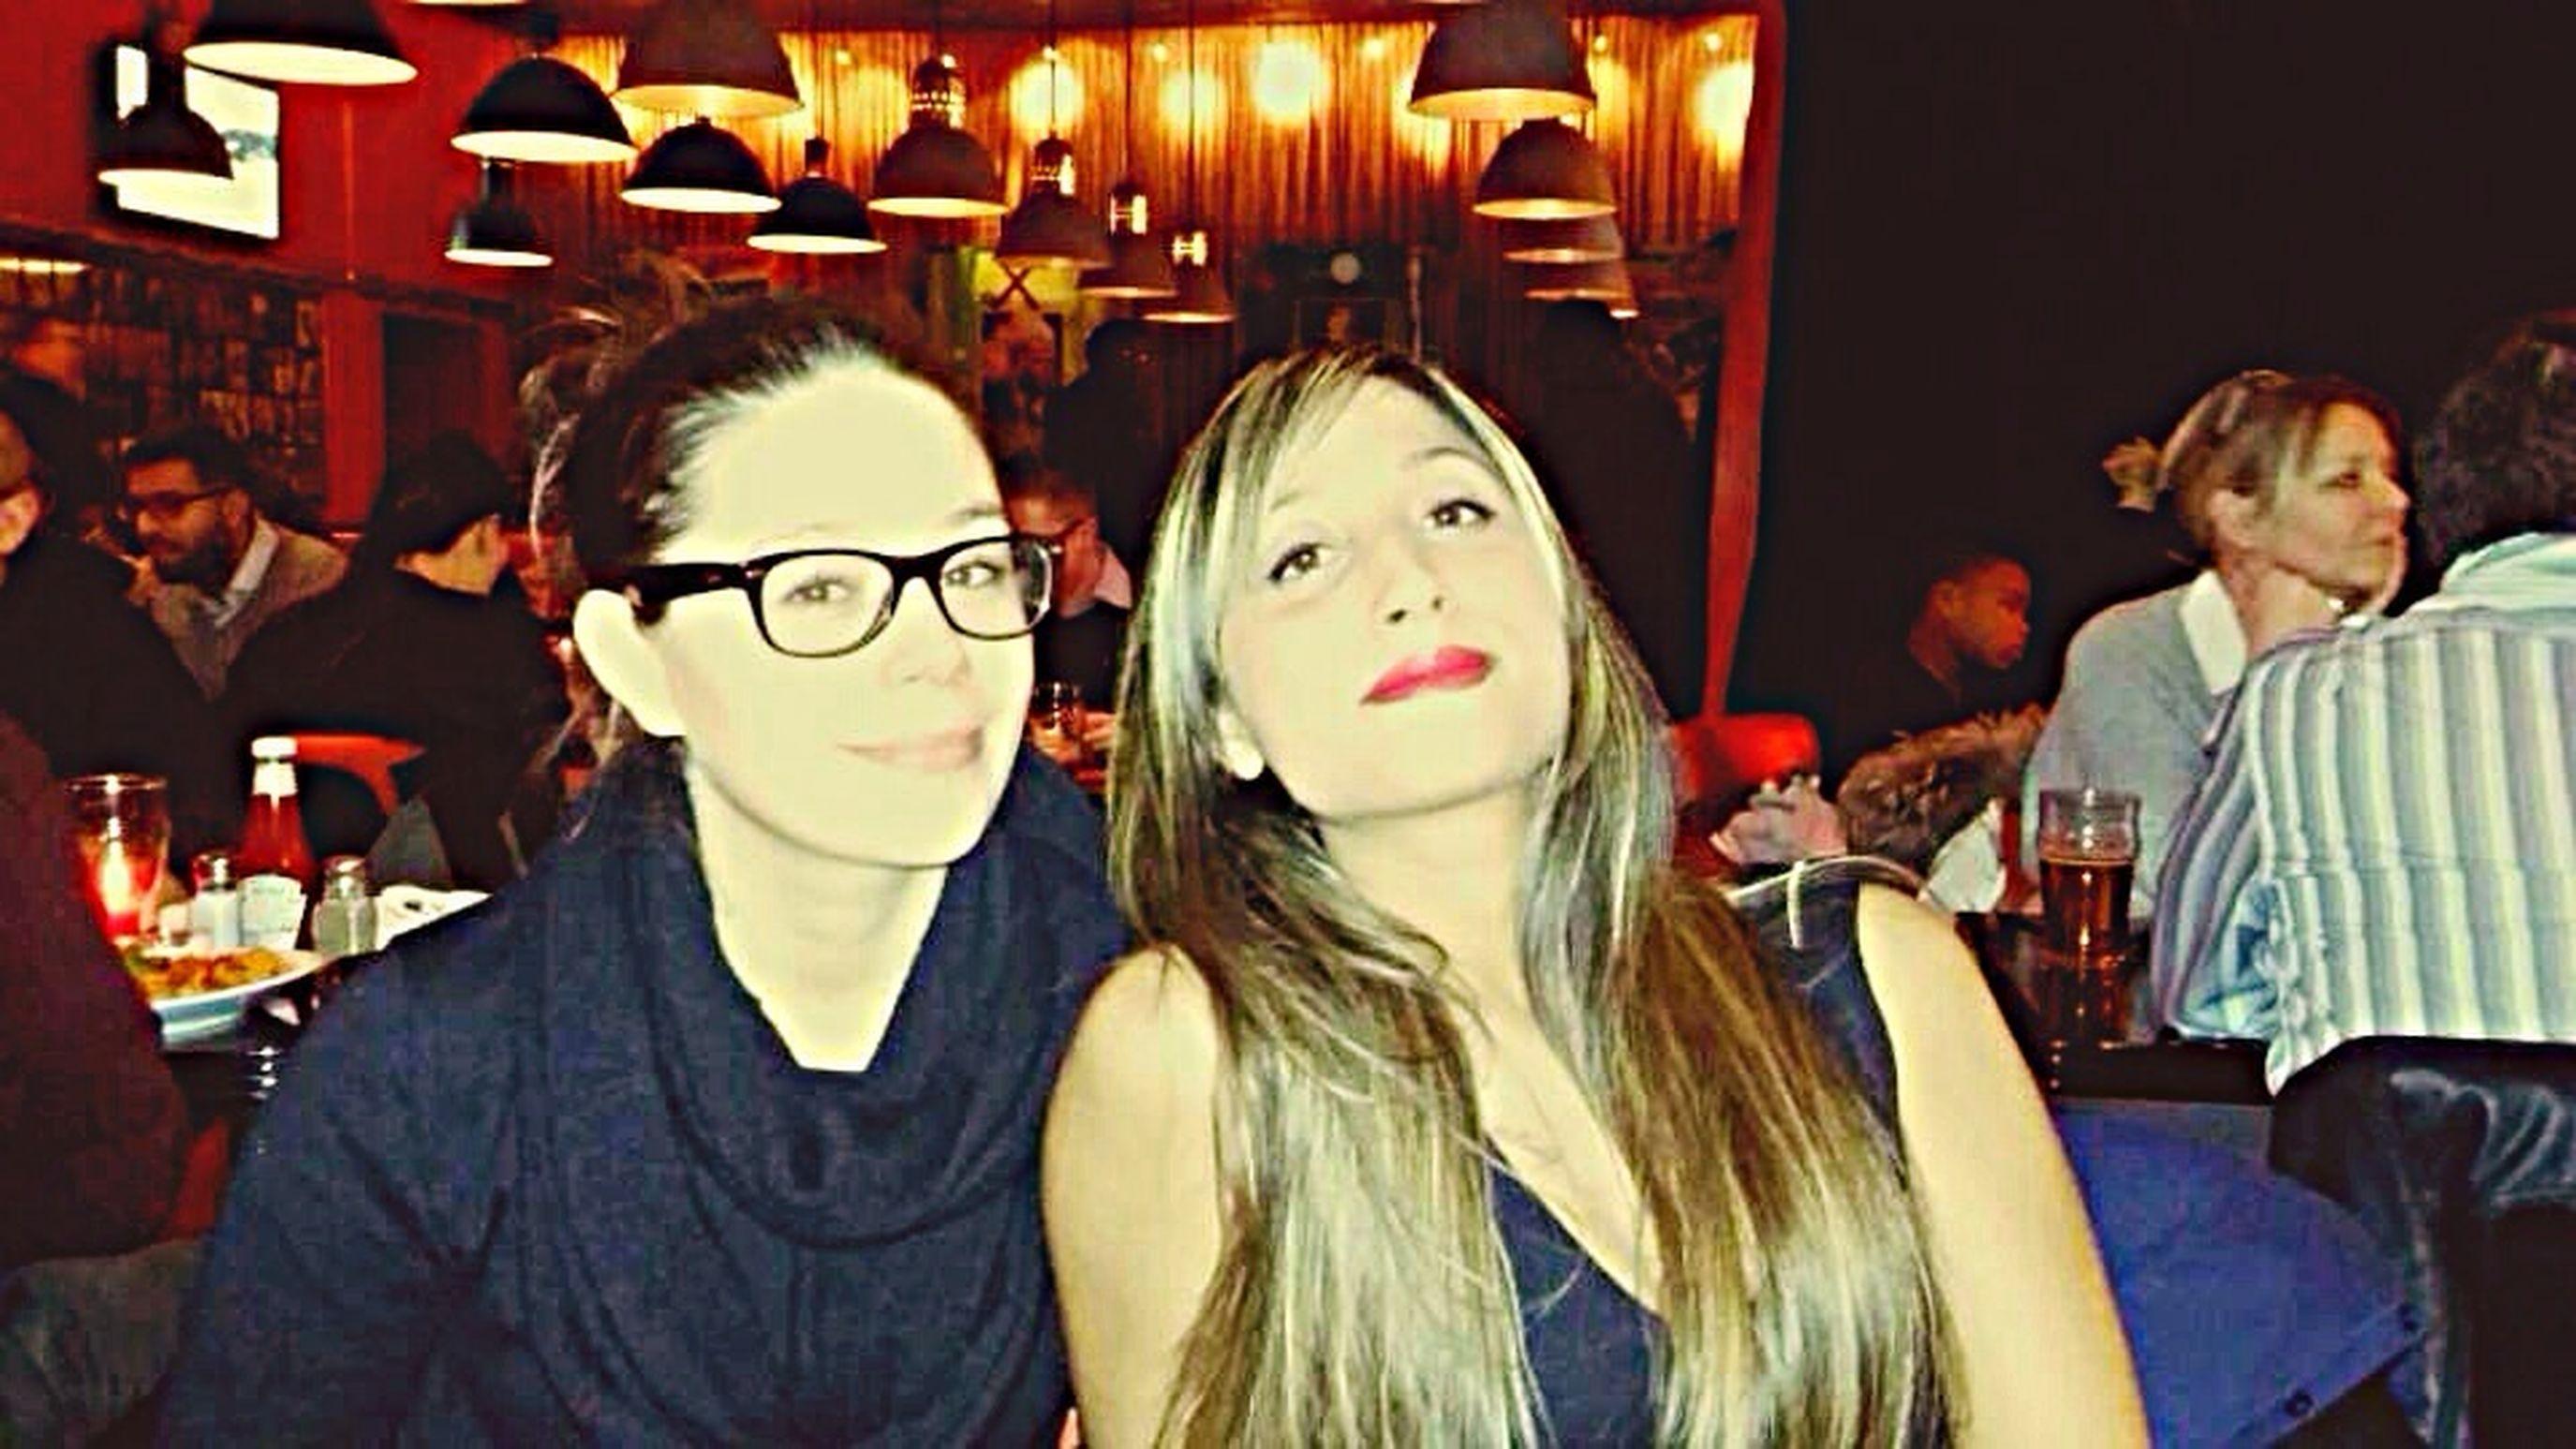 Night IndianaCafe Bnf Paris Girls